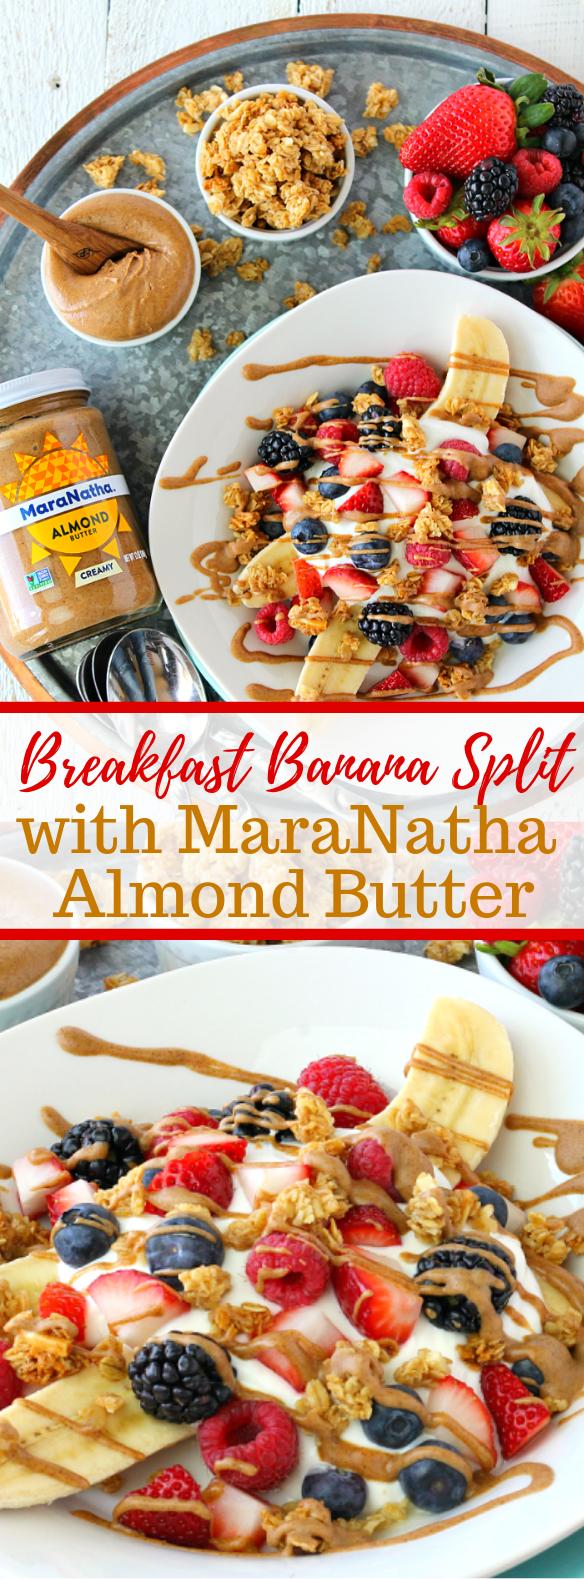 Breakfast Banana Split w/ MaraNatha Almond Butter #healthy #breakfast